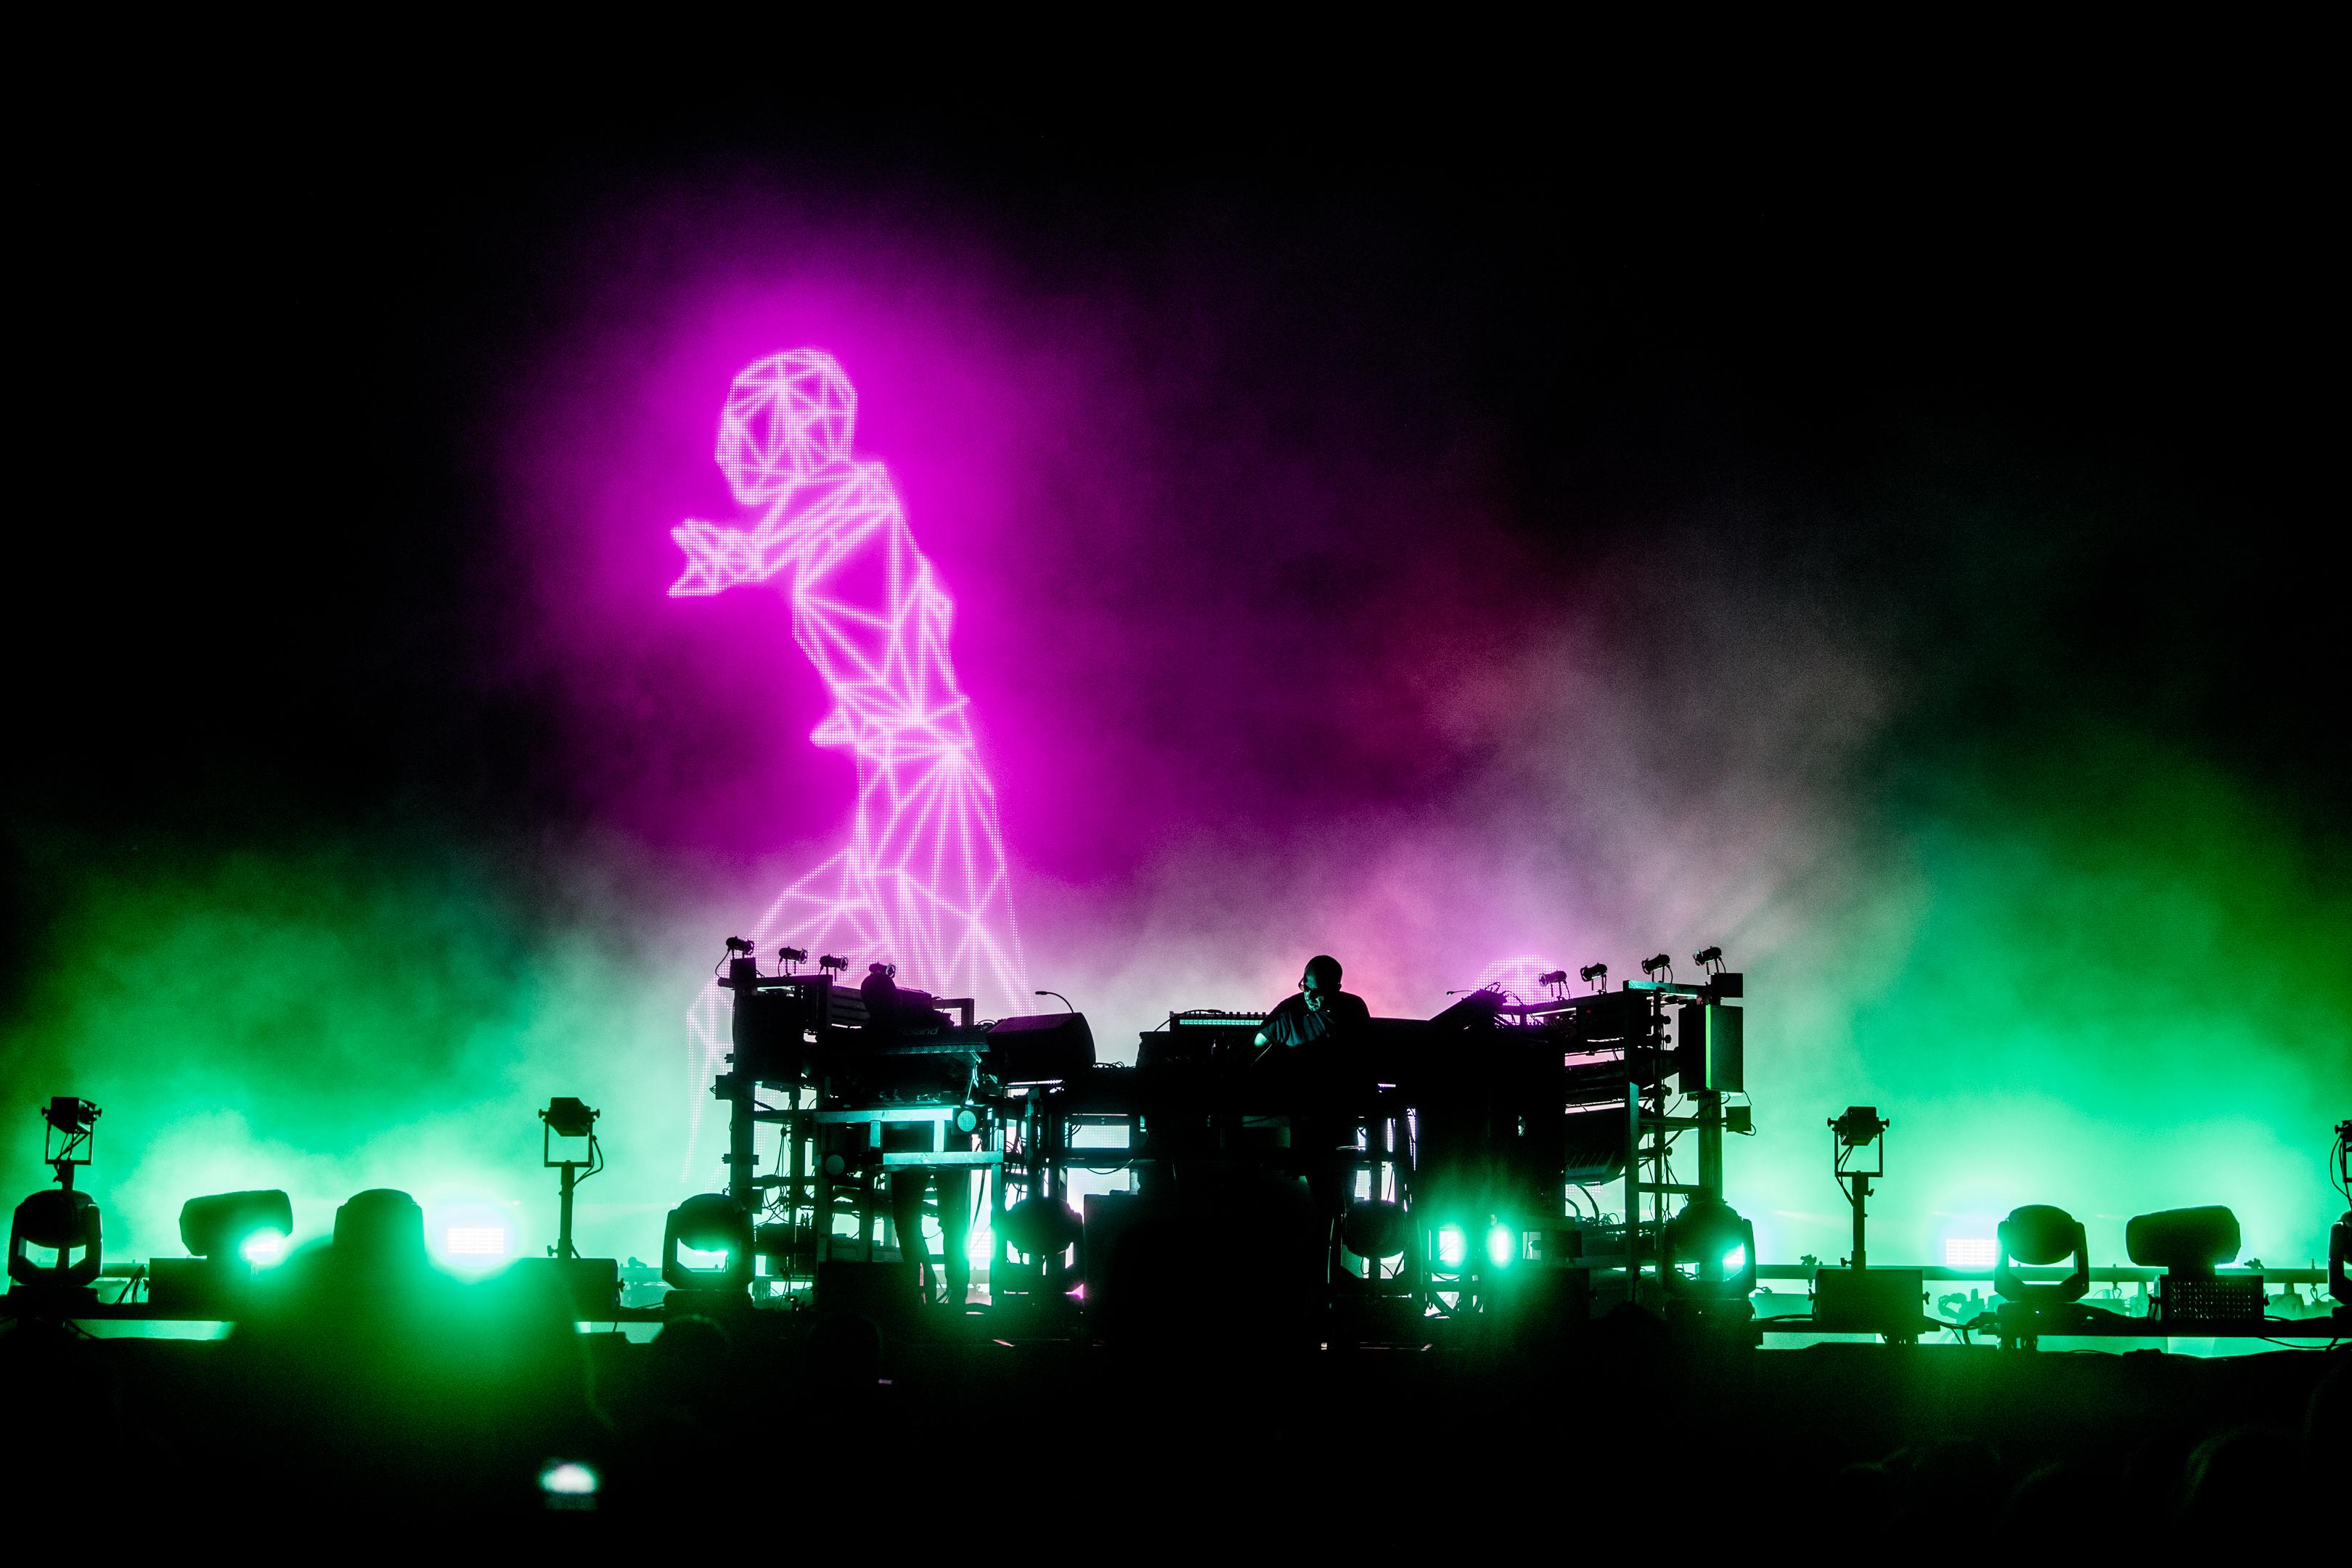 DOUR, Festival De Dour The Chemical Brothers 01:00 02:30. GOLINVAUX MATHIEU./LESOIR